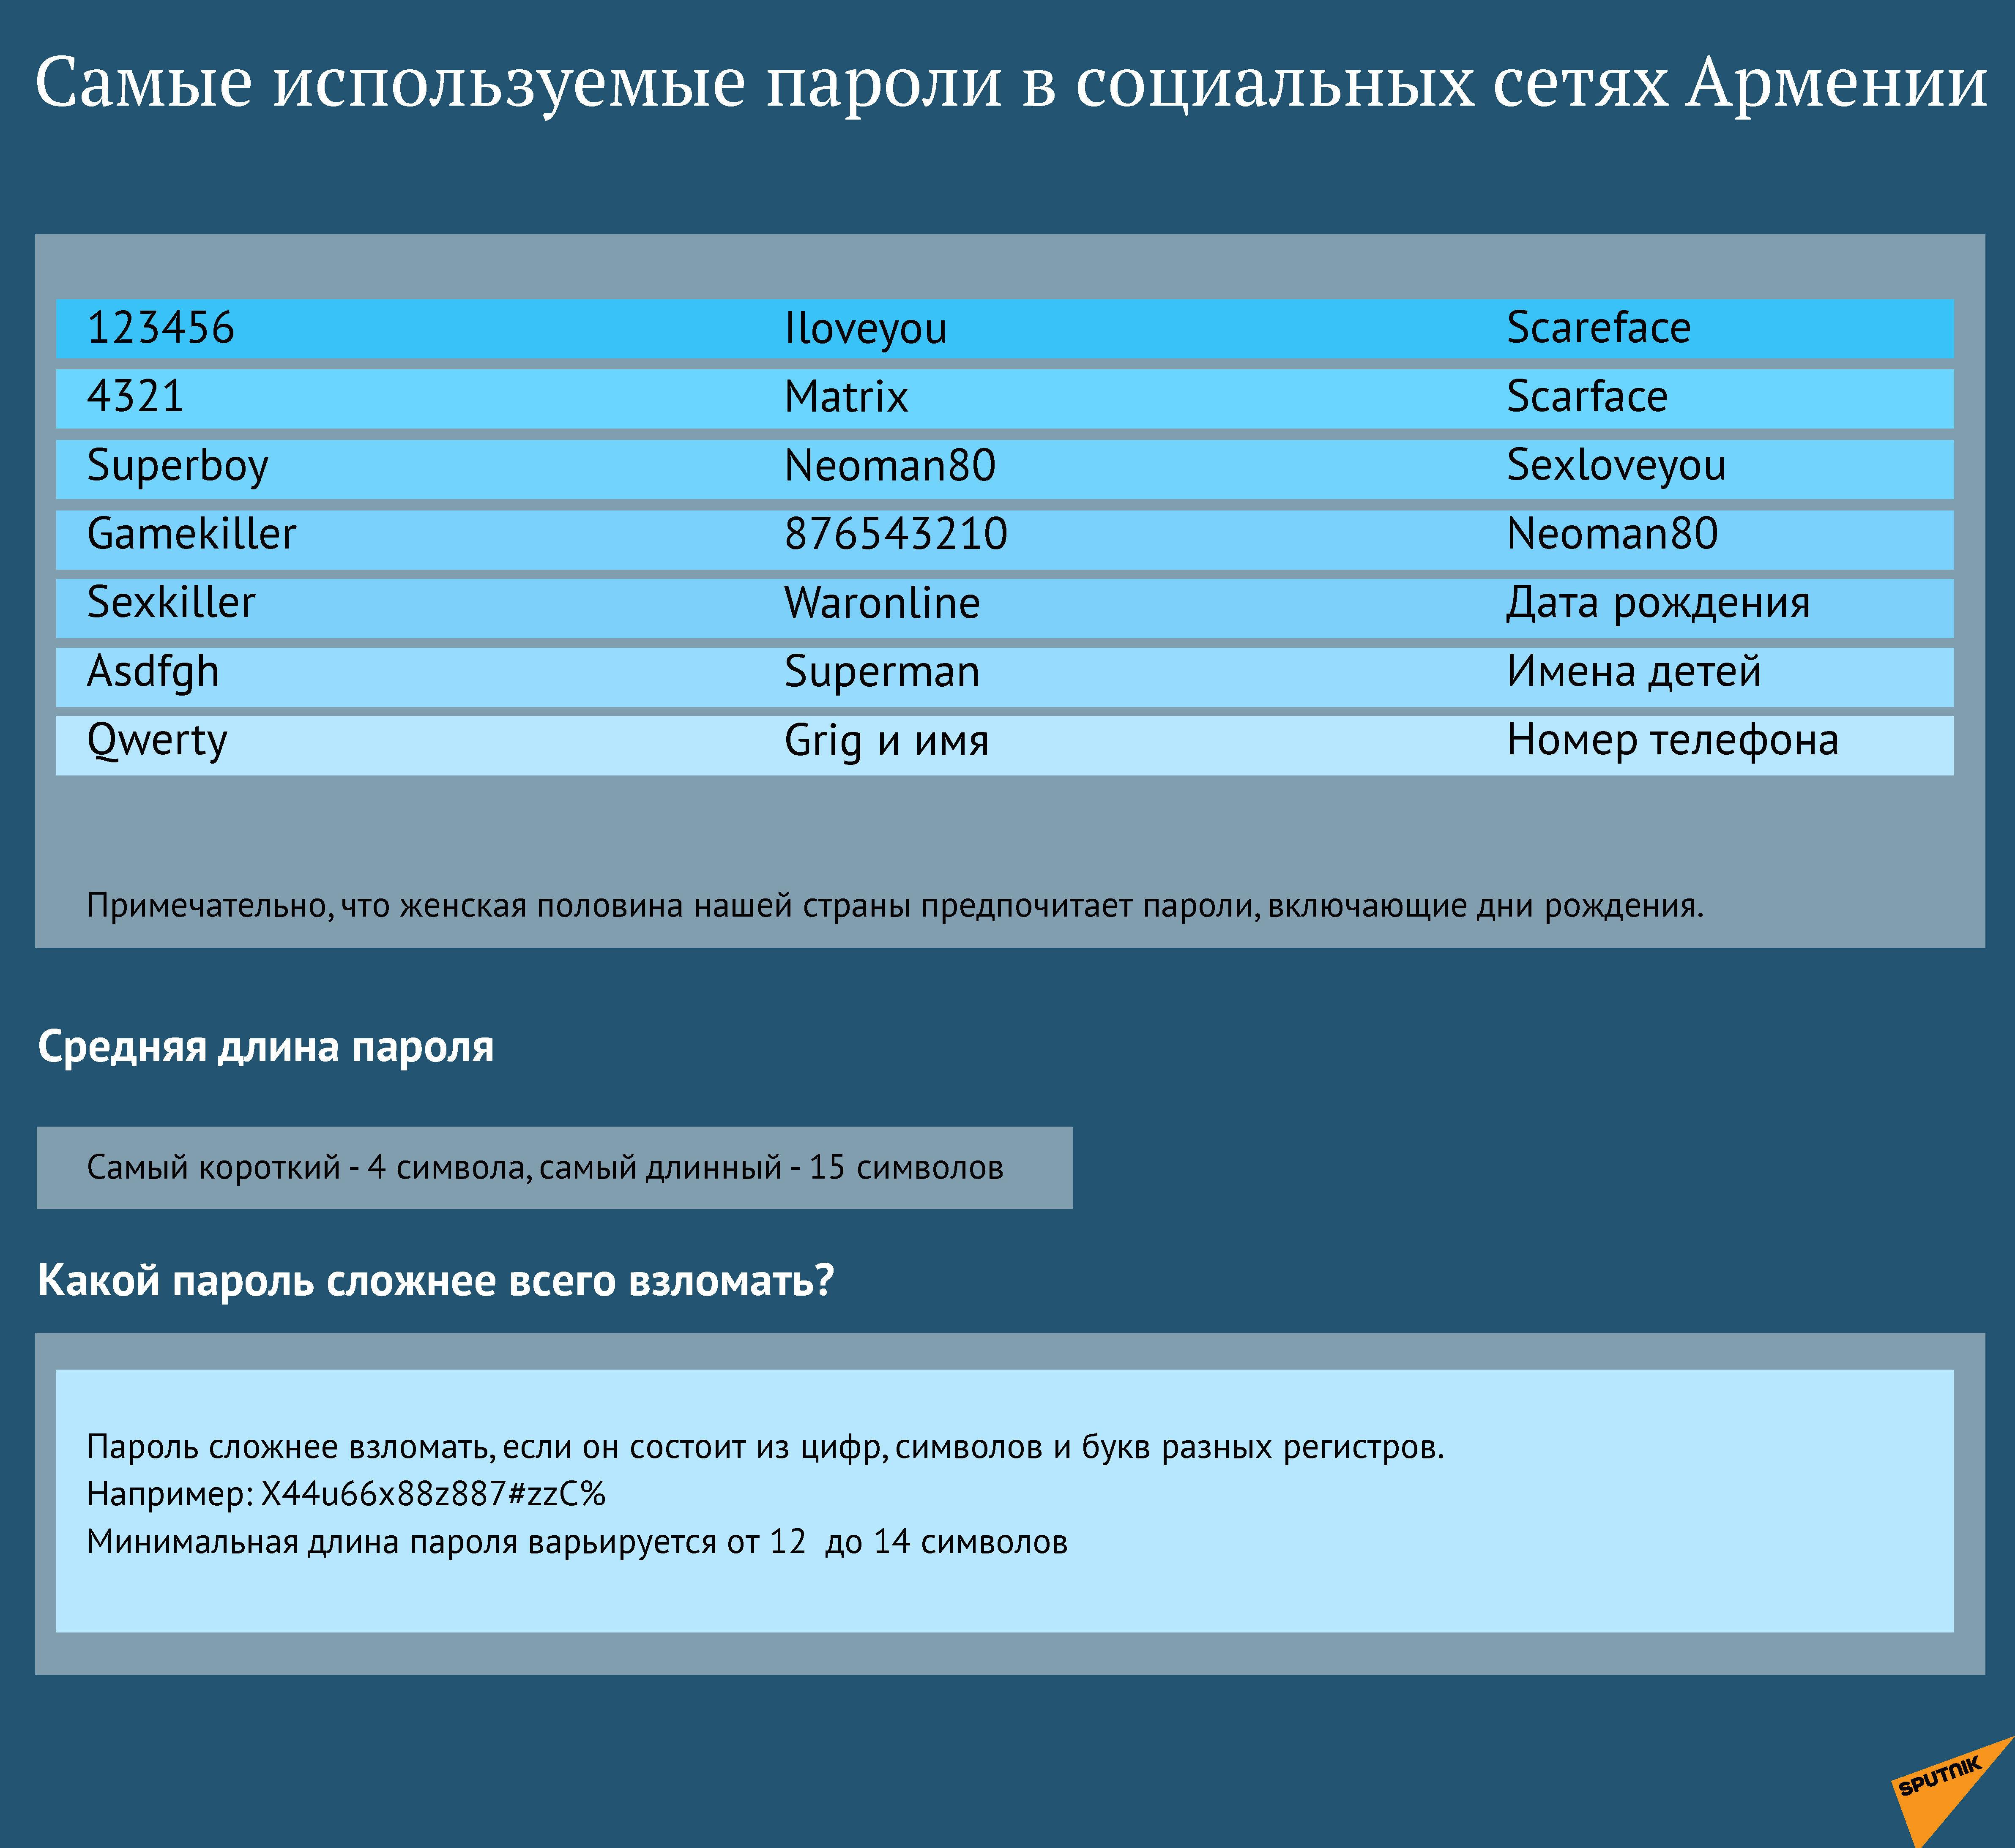 Самые используемые пароли в социальных сетях Армении